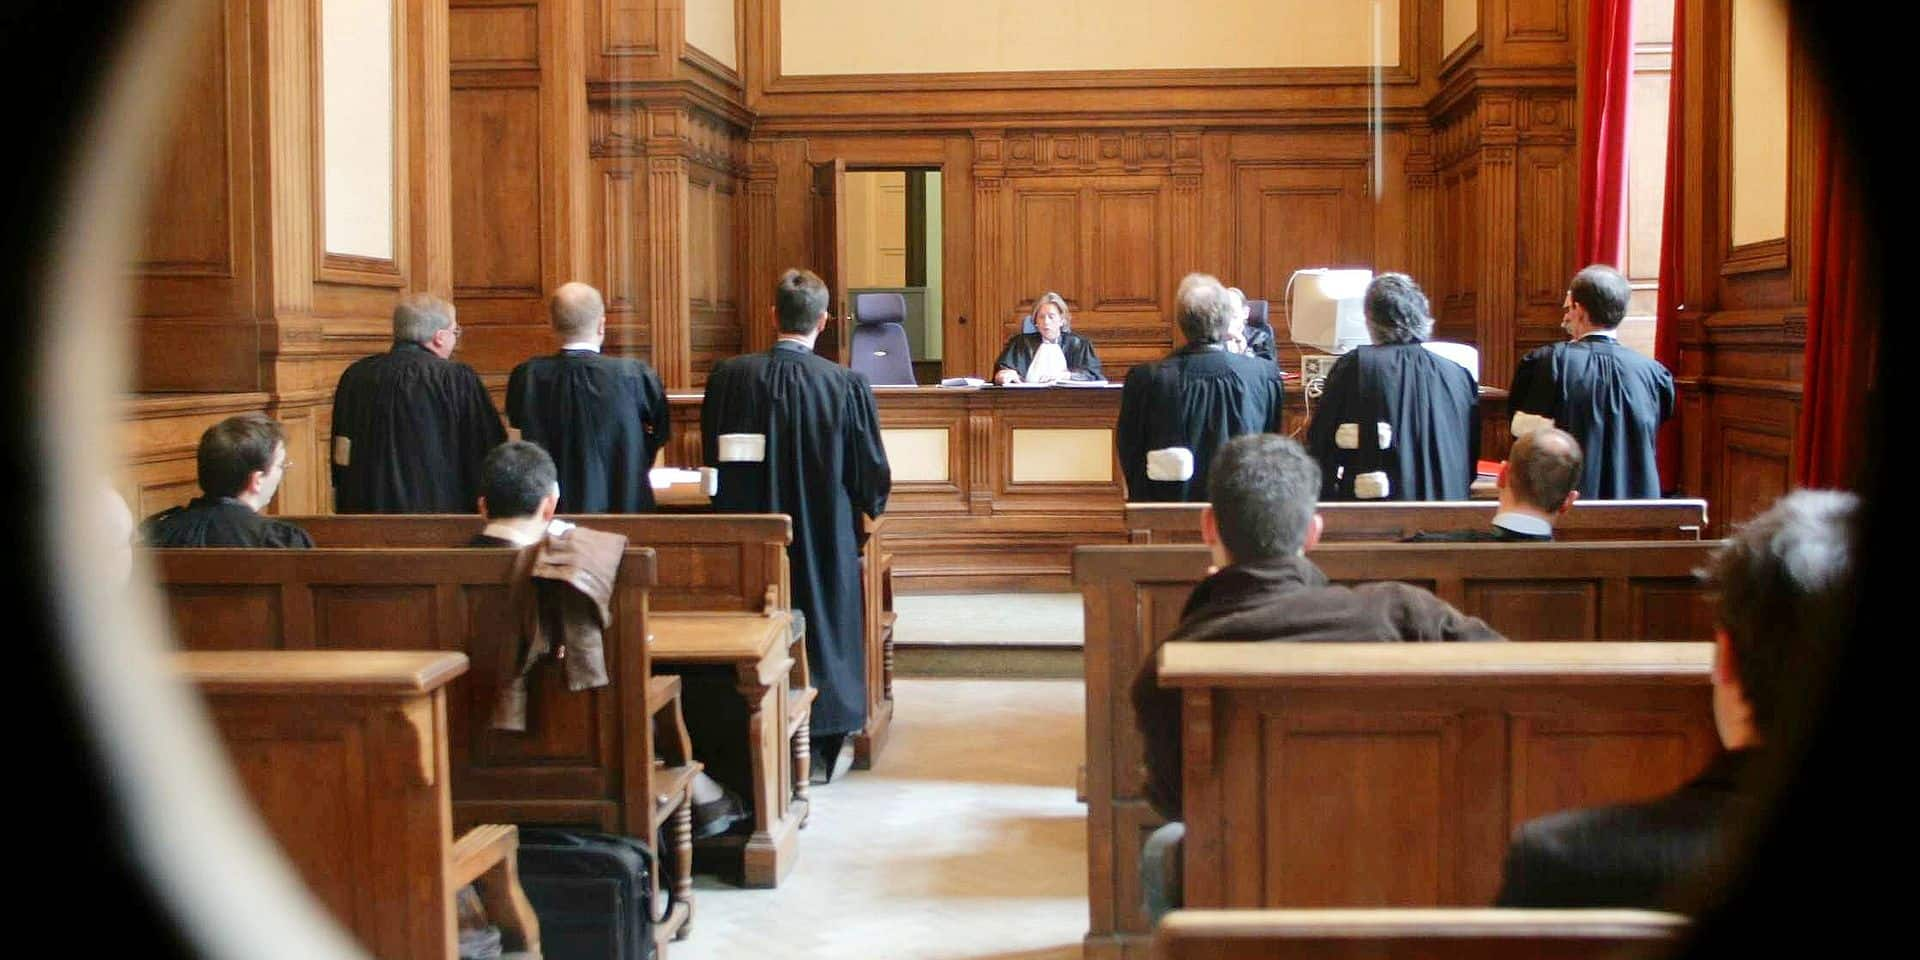 Une Néolouvaniste condamnée à 15 mois ferme pour avoir escroqué un couple de nonagénaires